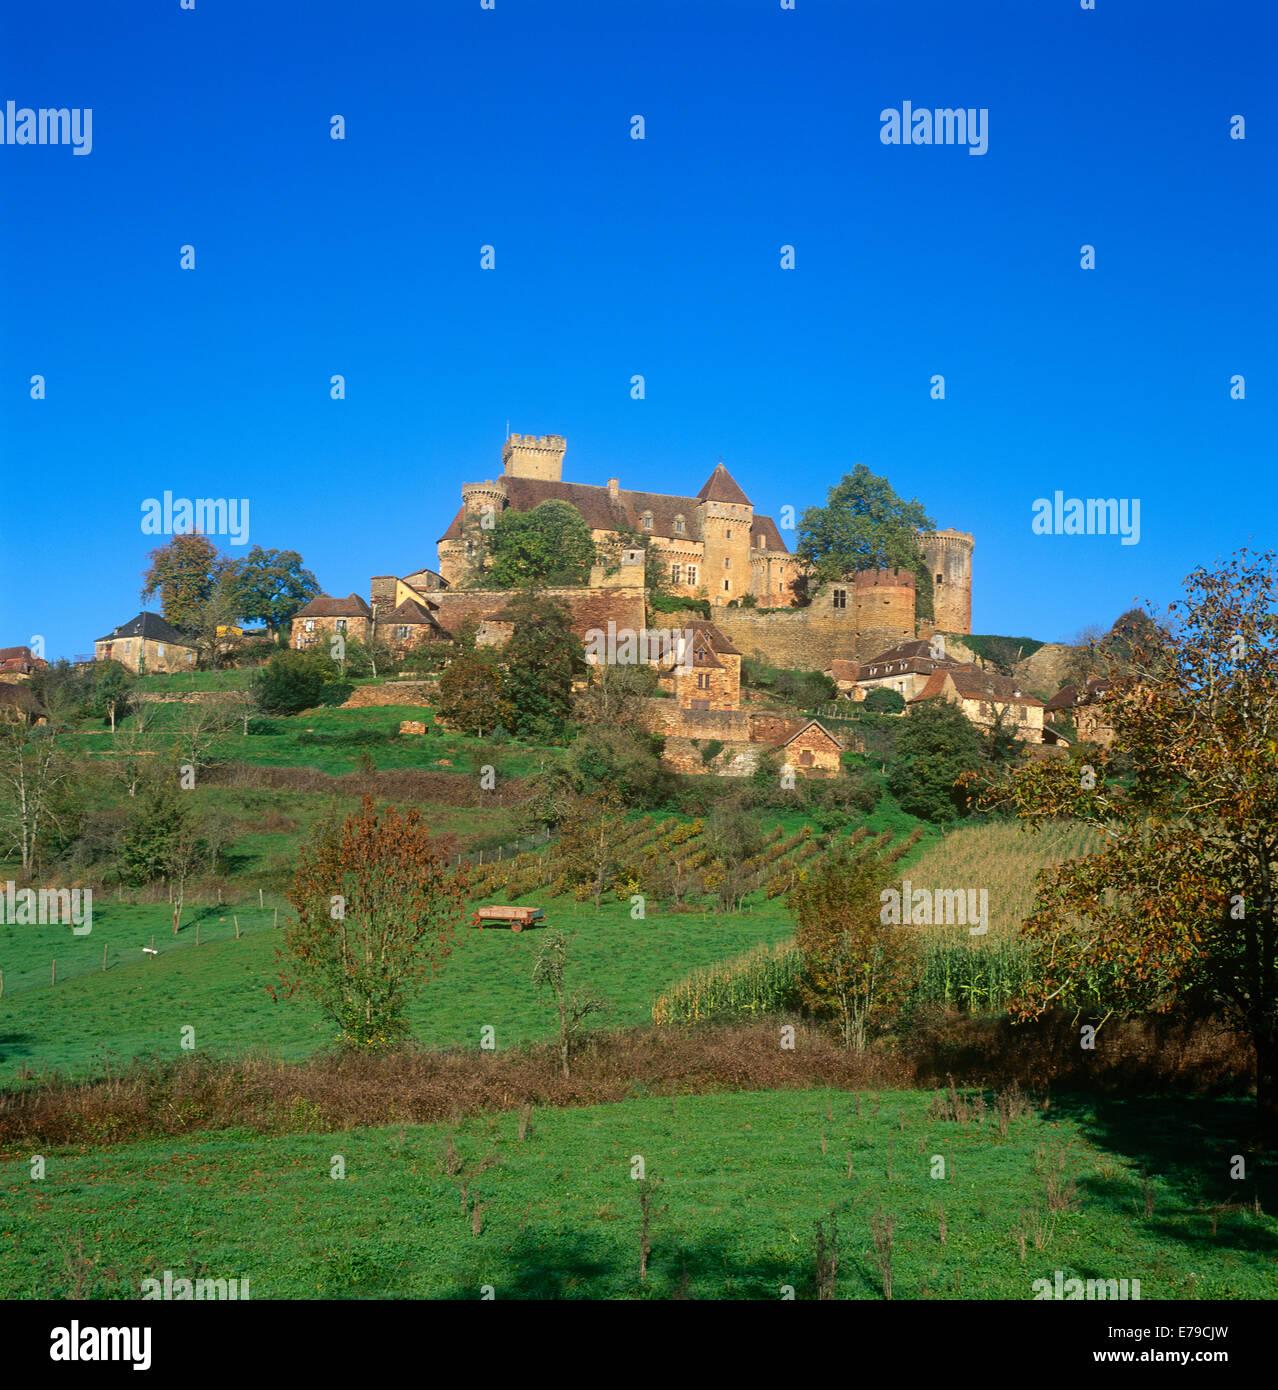 Castelnau-Bretenoux Castle Dordogne France Stock Photo